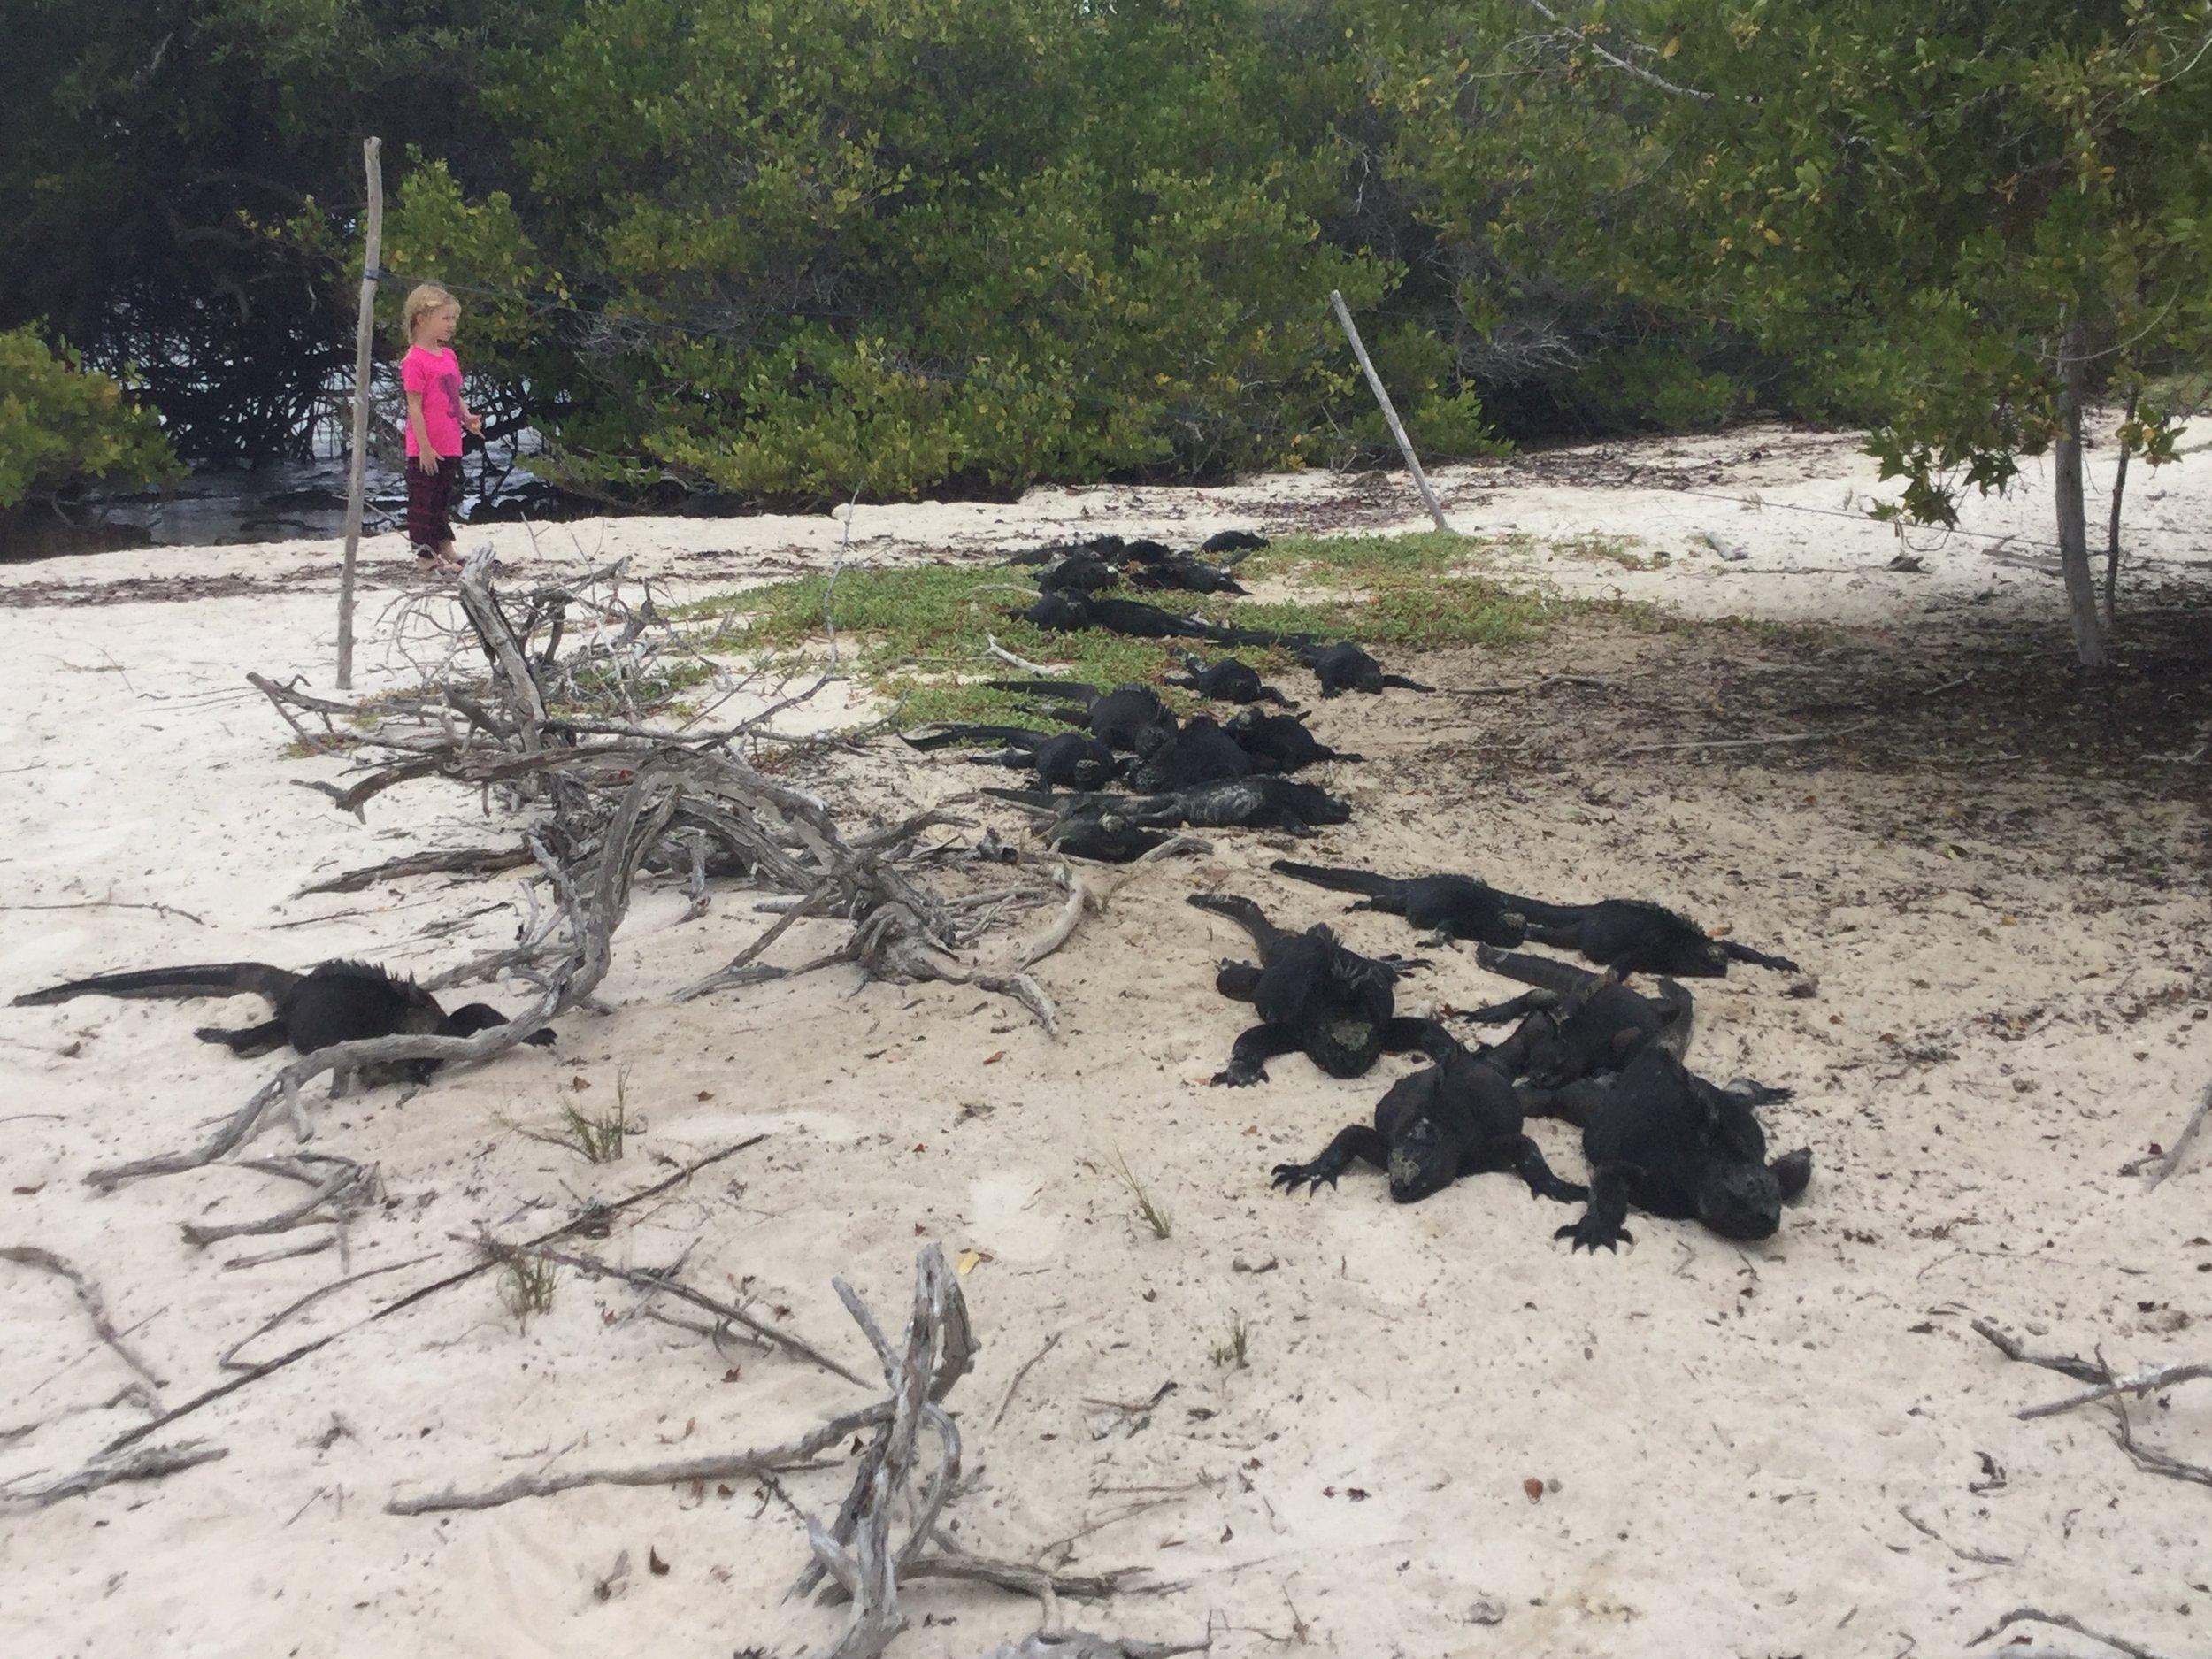 Emmy a bien hésité avant de poursuivre son chemin! Aucun danger, ces iguanes sont très pacifiques.